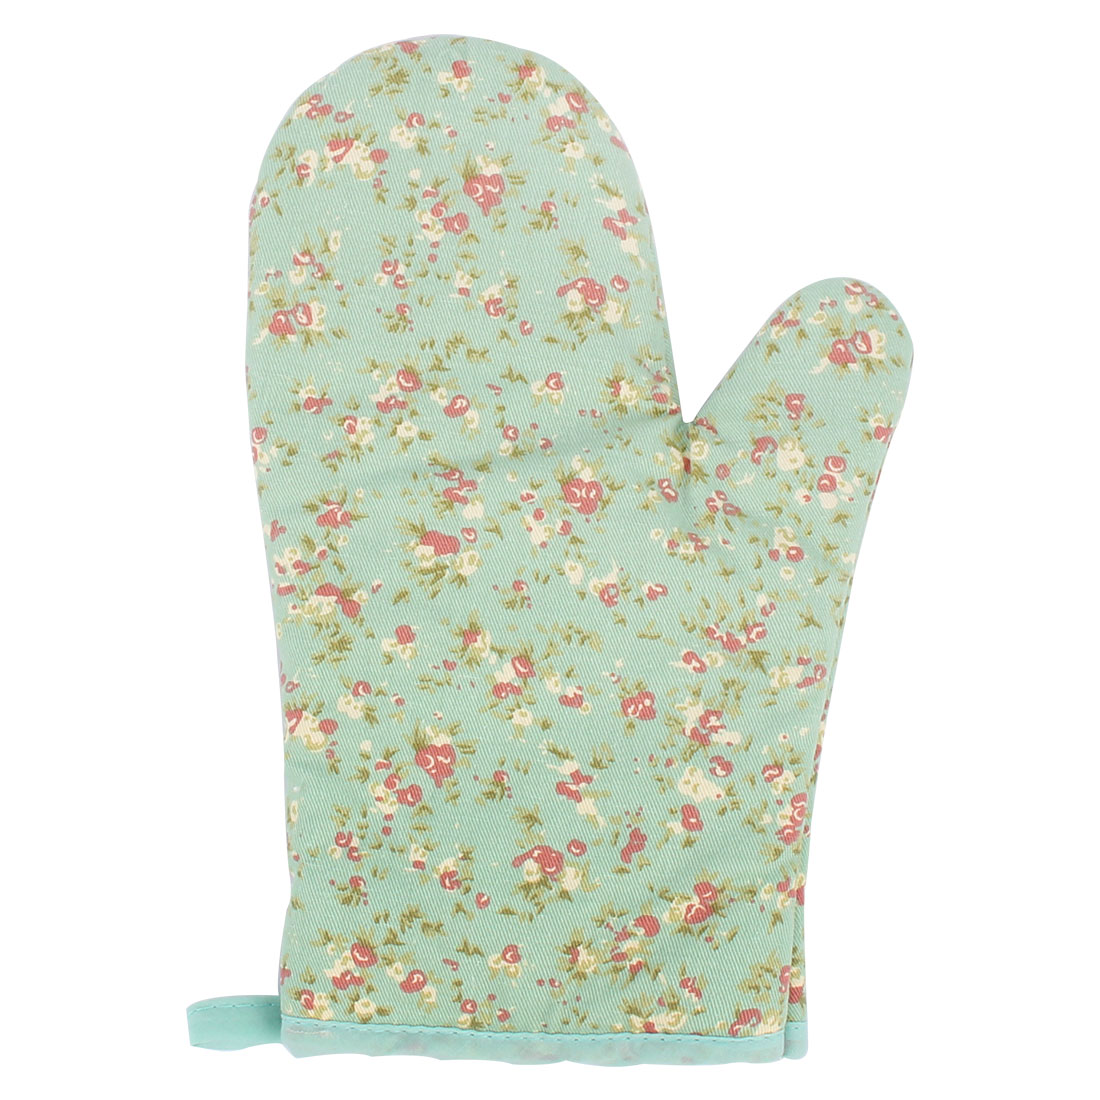 Household Flower Decor Insulated Padded Baking Tool Oven Gloves Mitt Pair